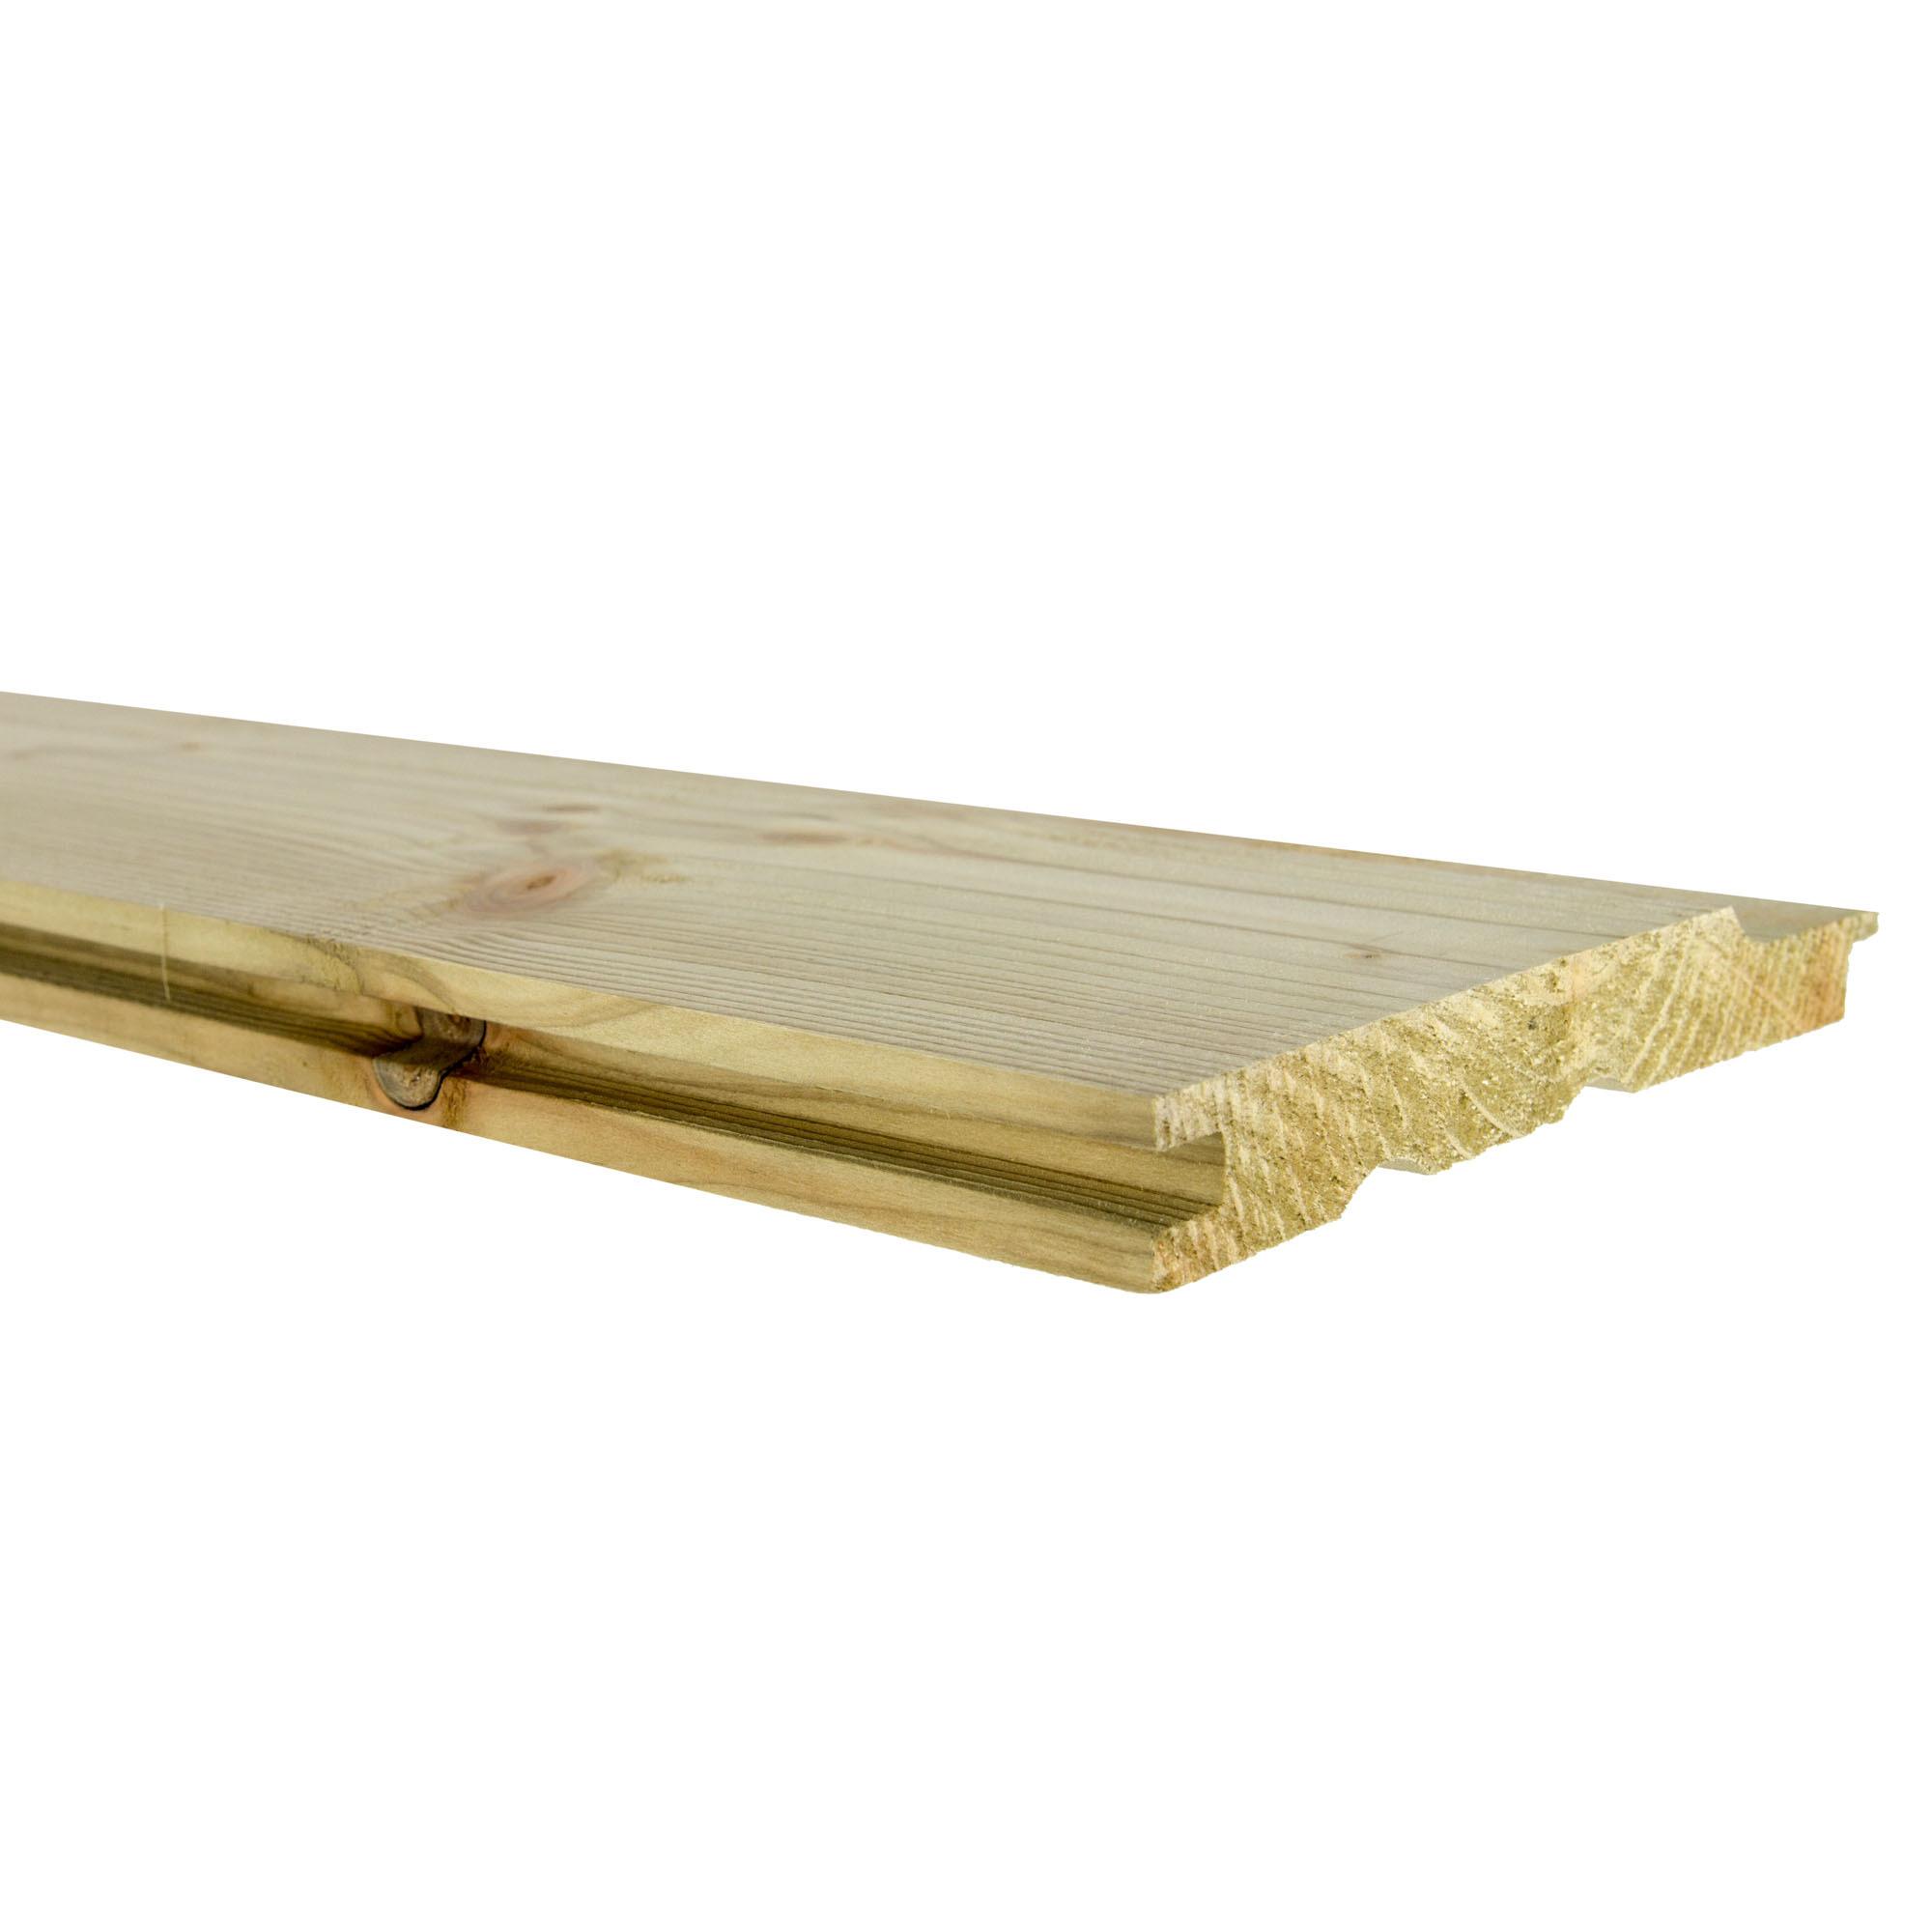 Rabatdeel 360x13,5x1,7 cm